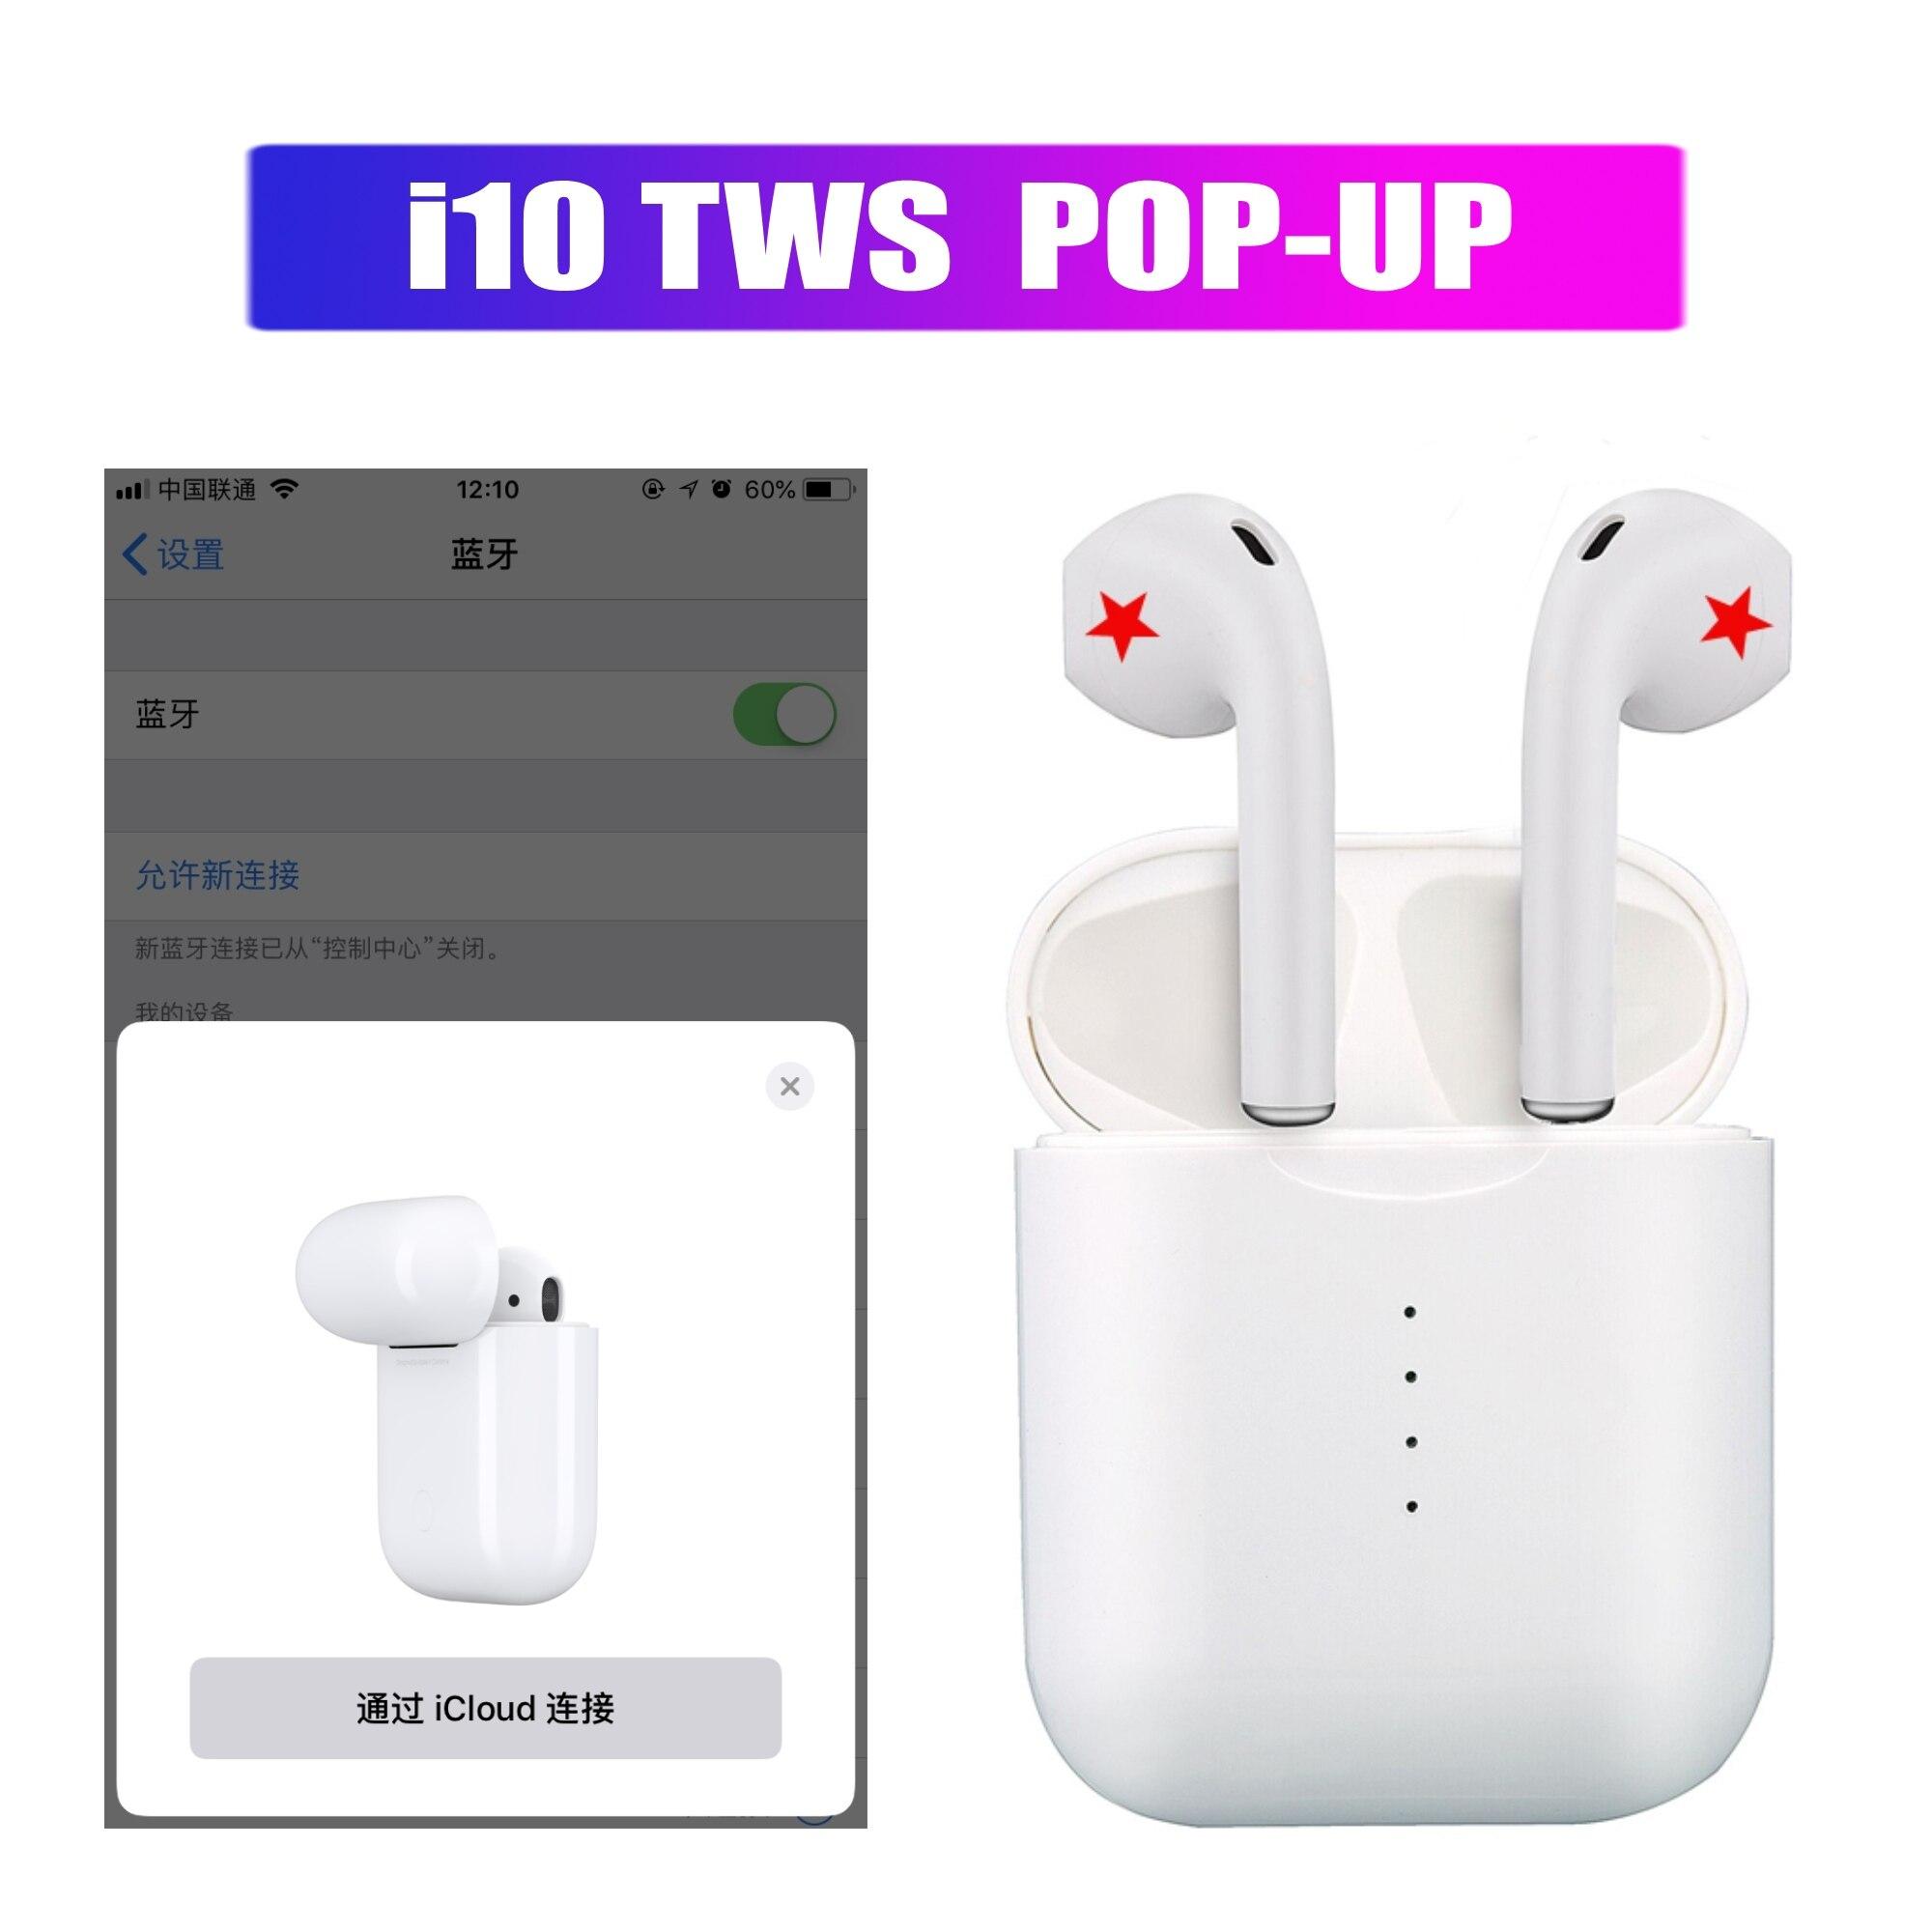 Pop up i10 i10s СПЦ 3D сенсорное управление Беспроводной наушники Bluetooth50 наушники гарнитуры для iphone Xiaomi PK i12 i13 i14 i15 i20 СПЦ купить на AliExpress